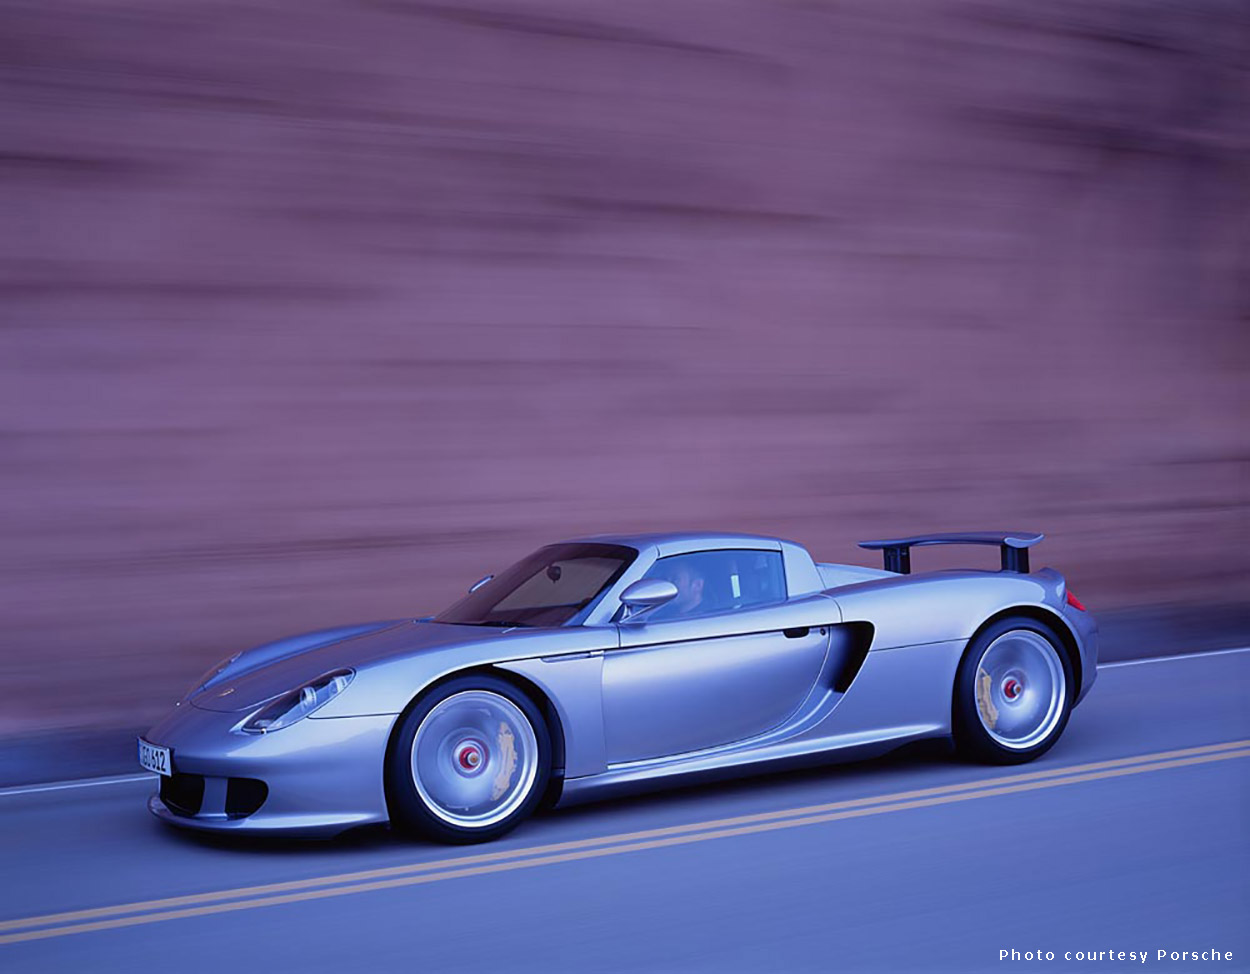 Porsche pictures of porsches : Ten of the most beautiful Porsches ever   Porsche Club of America